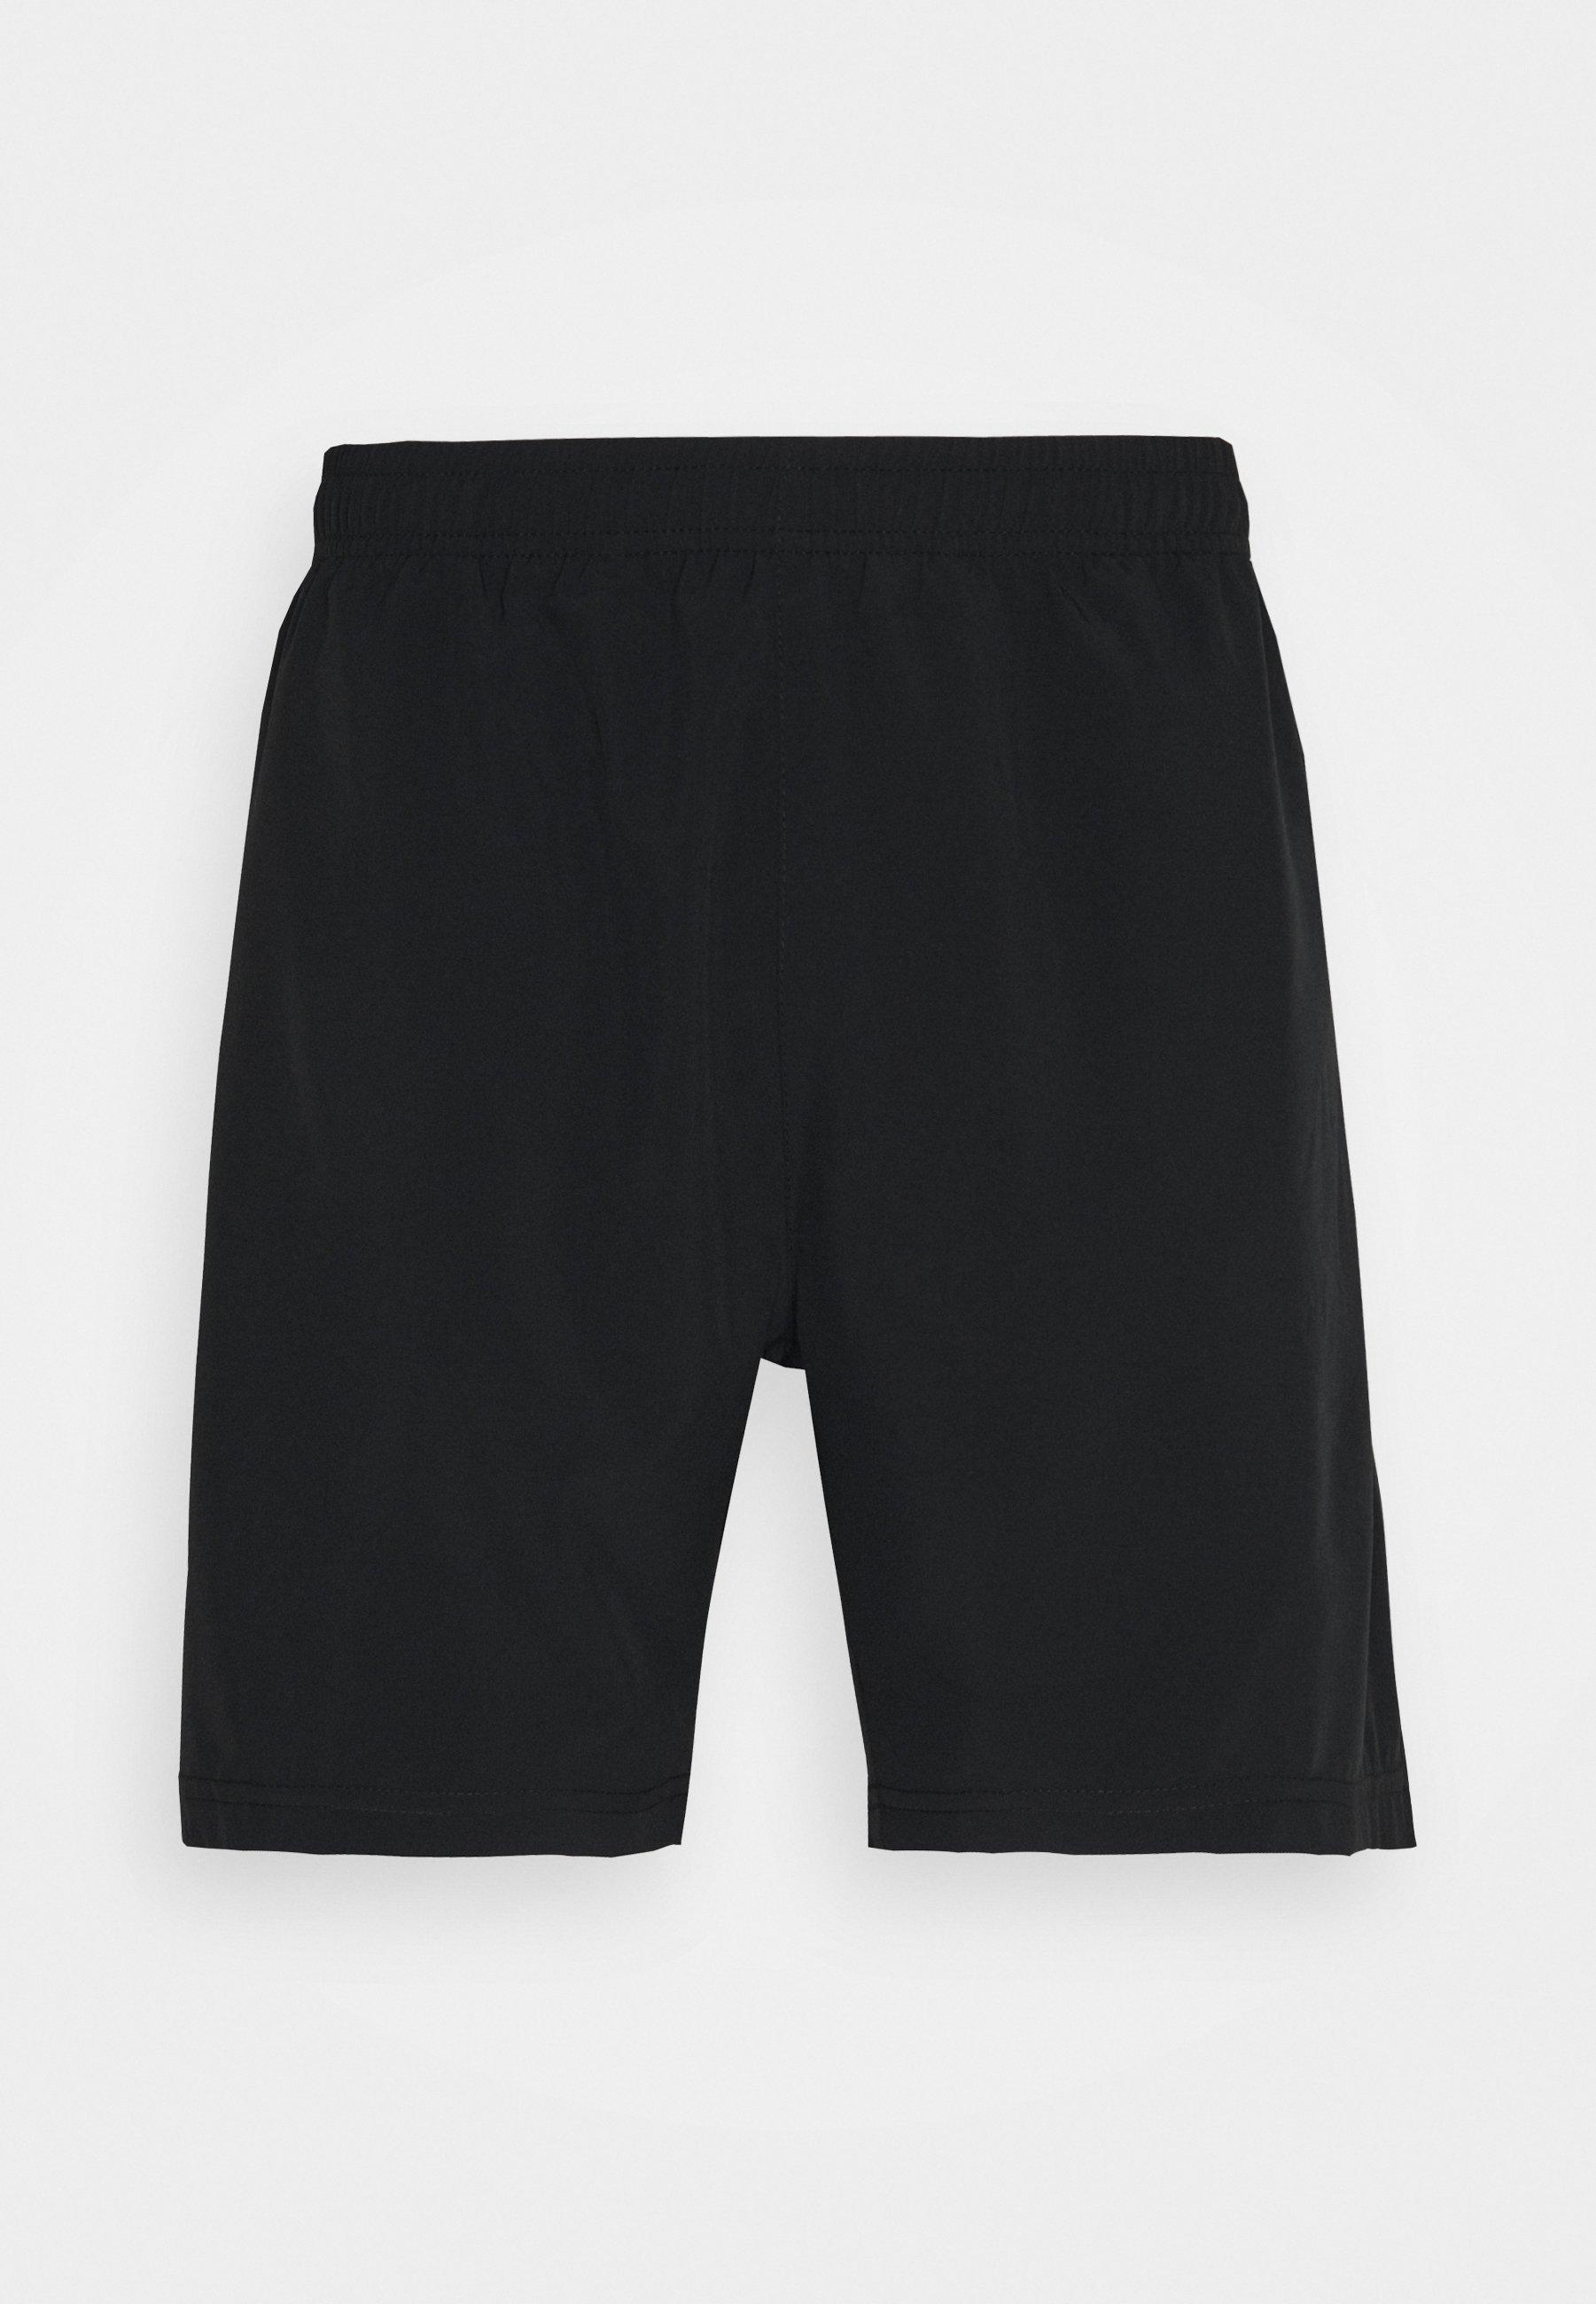 Homme VANCLAUSE SHORTS - Short de sport